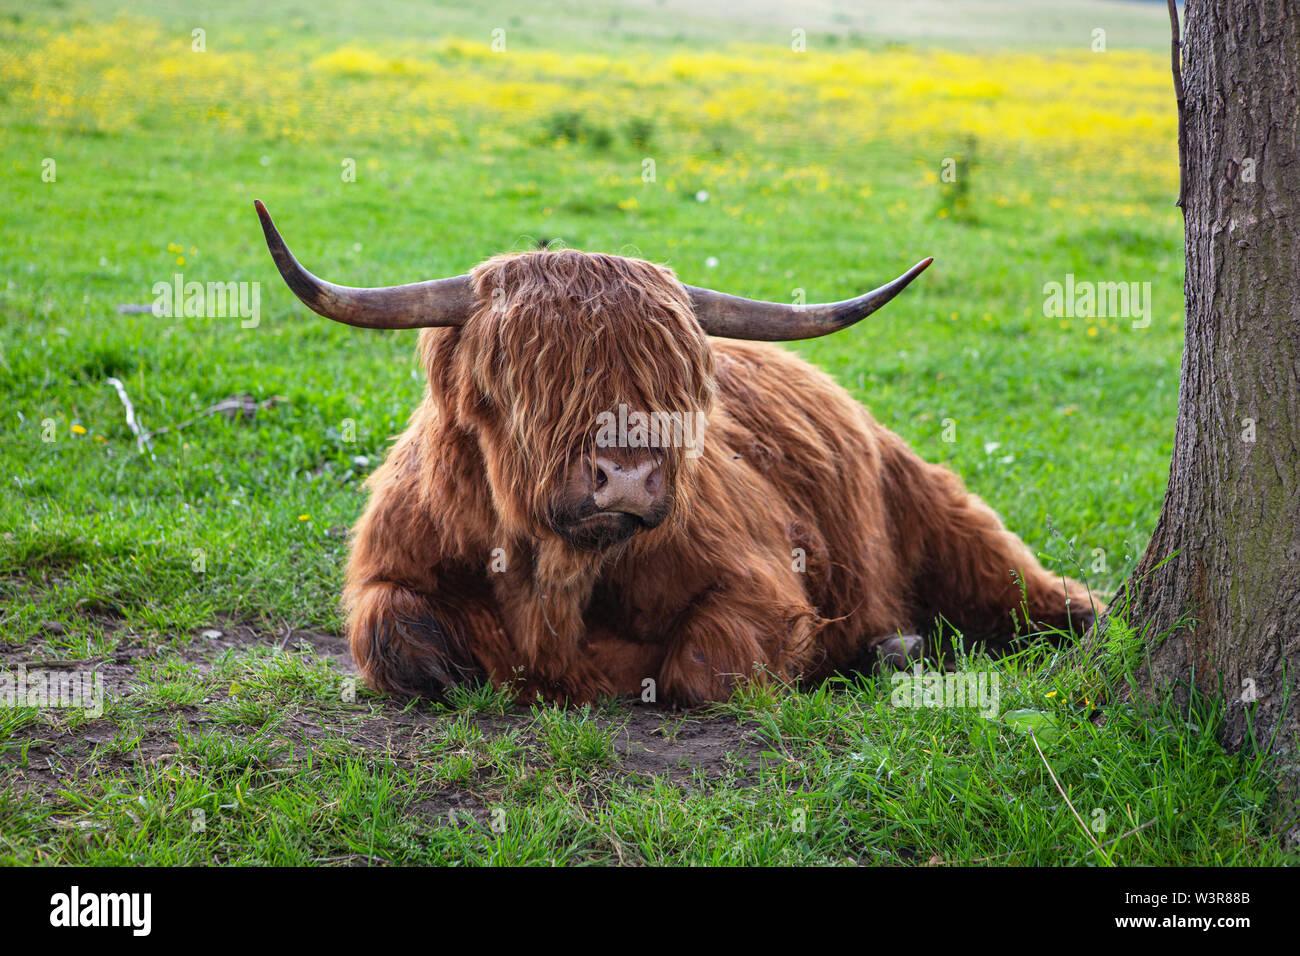 Ein Schottisches Hochlandrind auf einer Wiese. Foto Stock